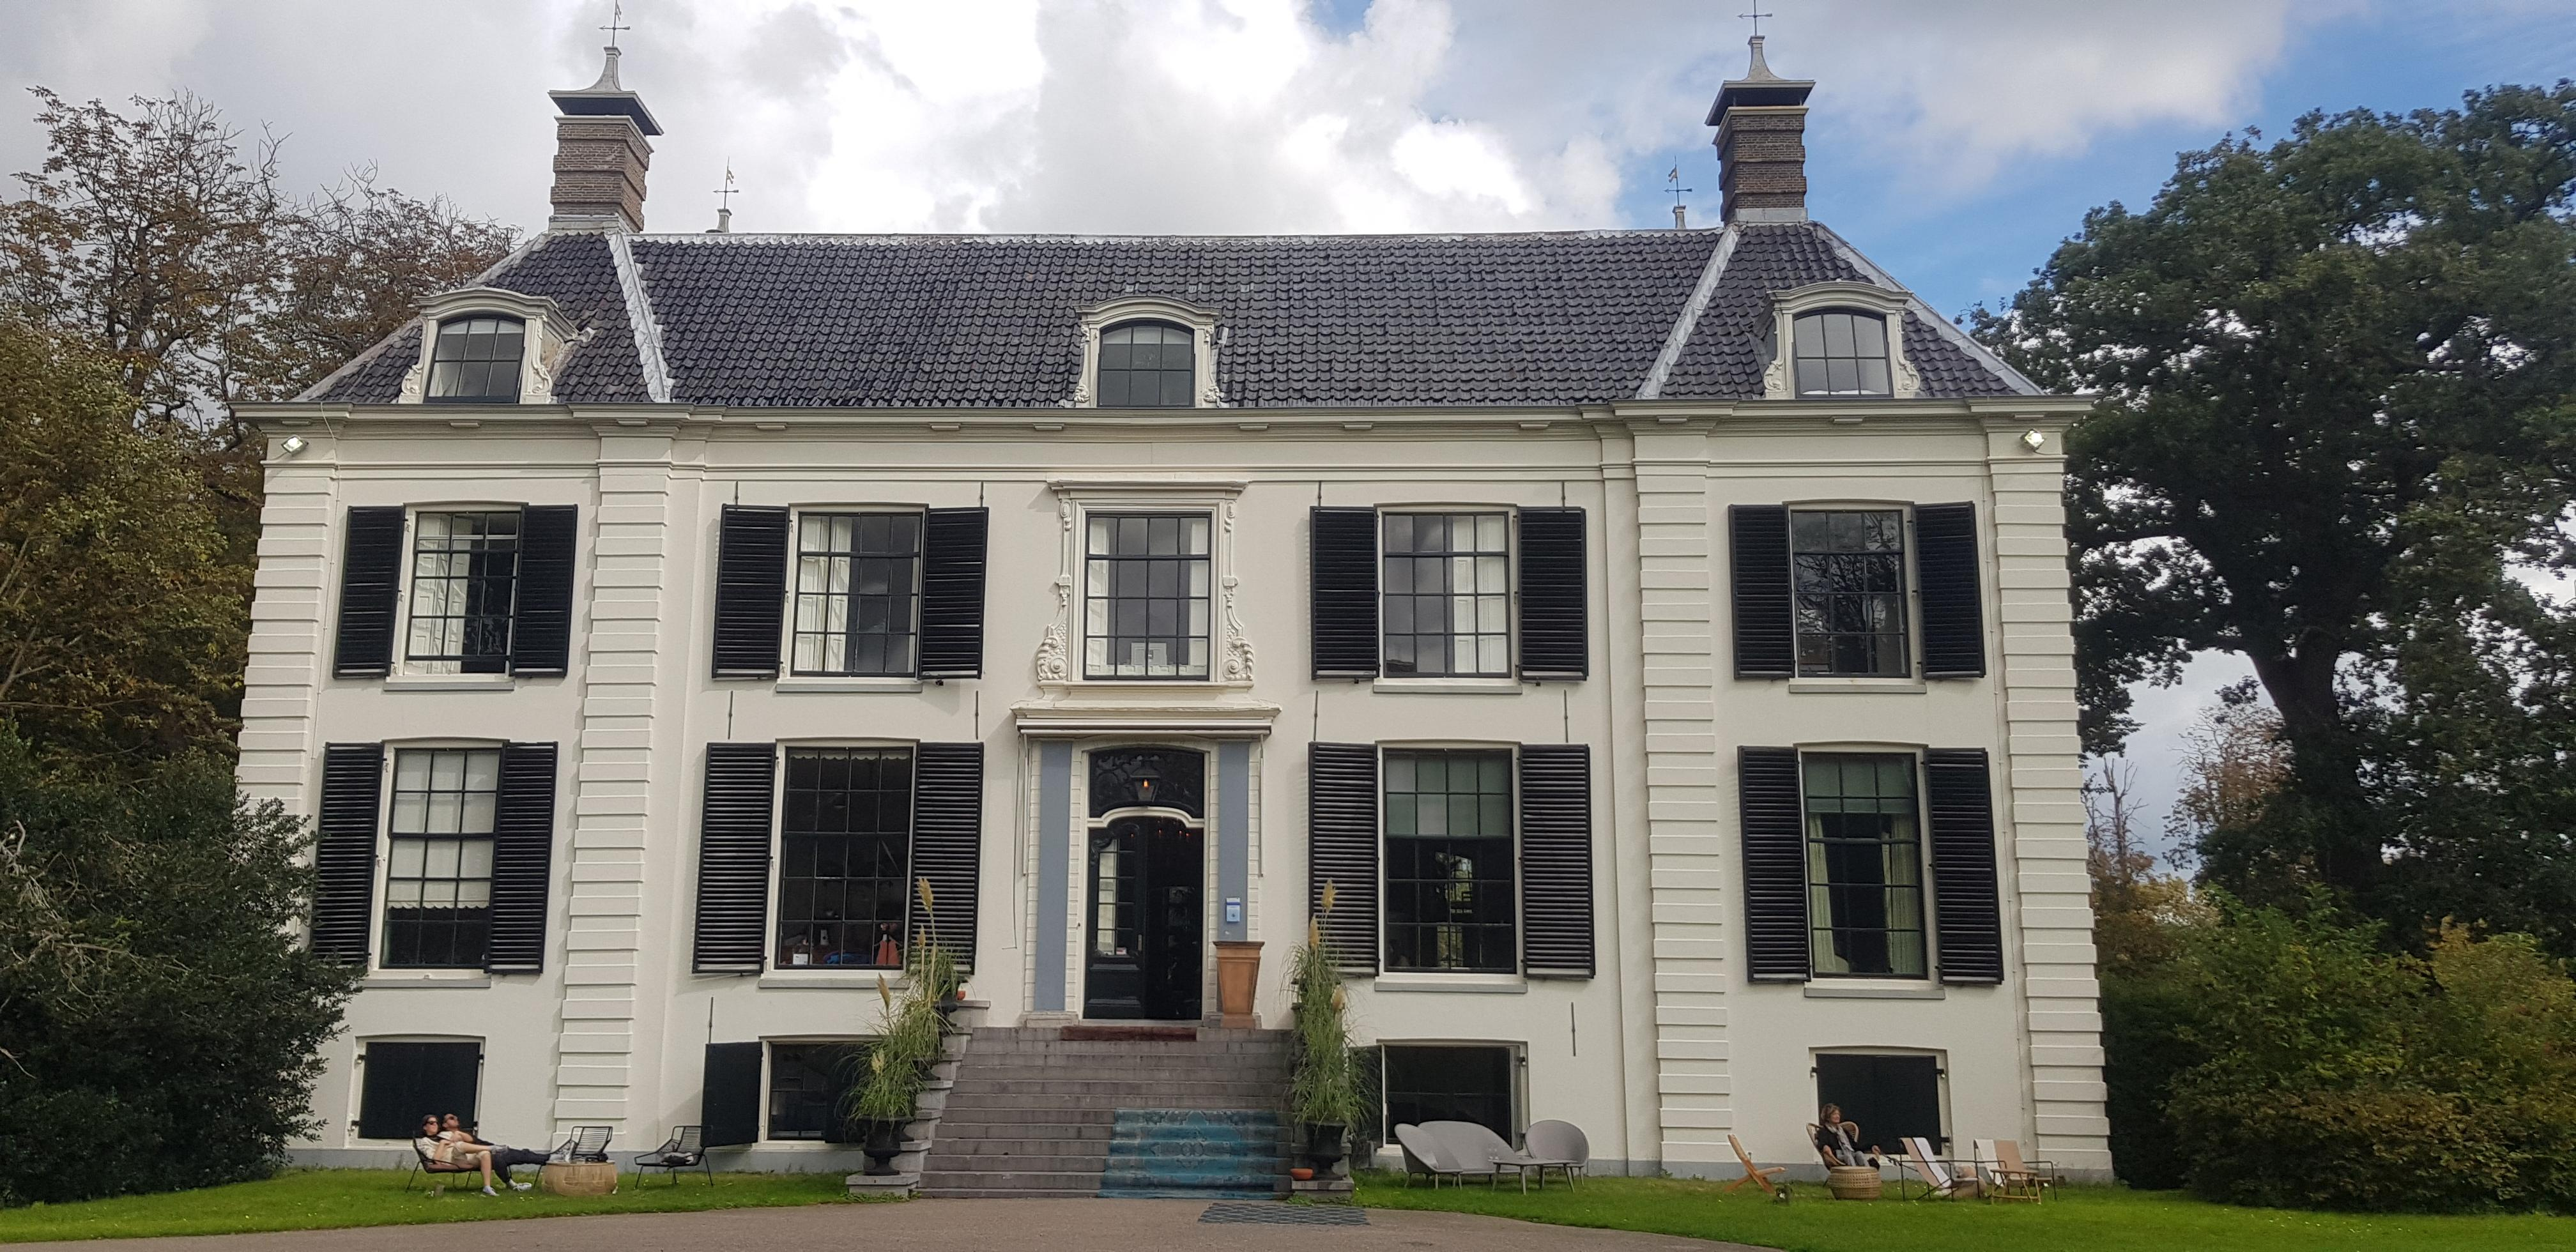 Plantage Rococo in Velsen-Zuid is een pril eetparadijs